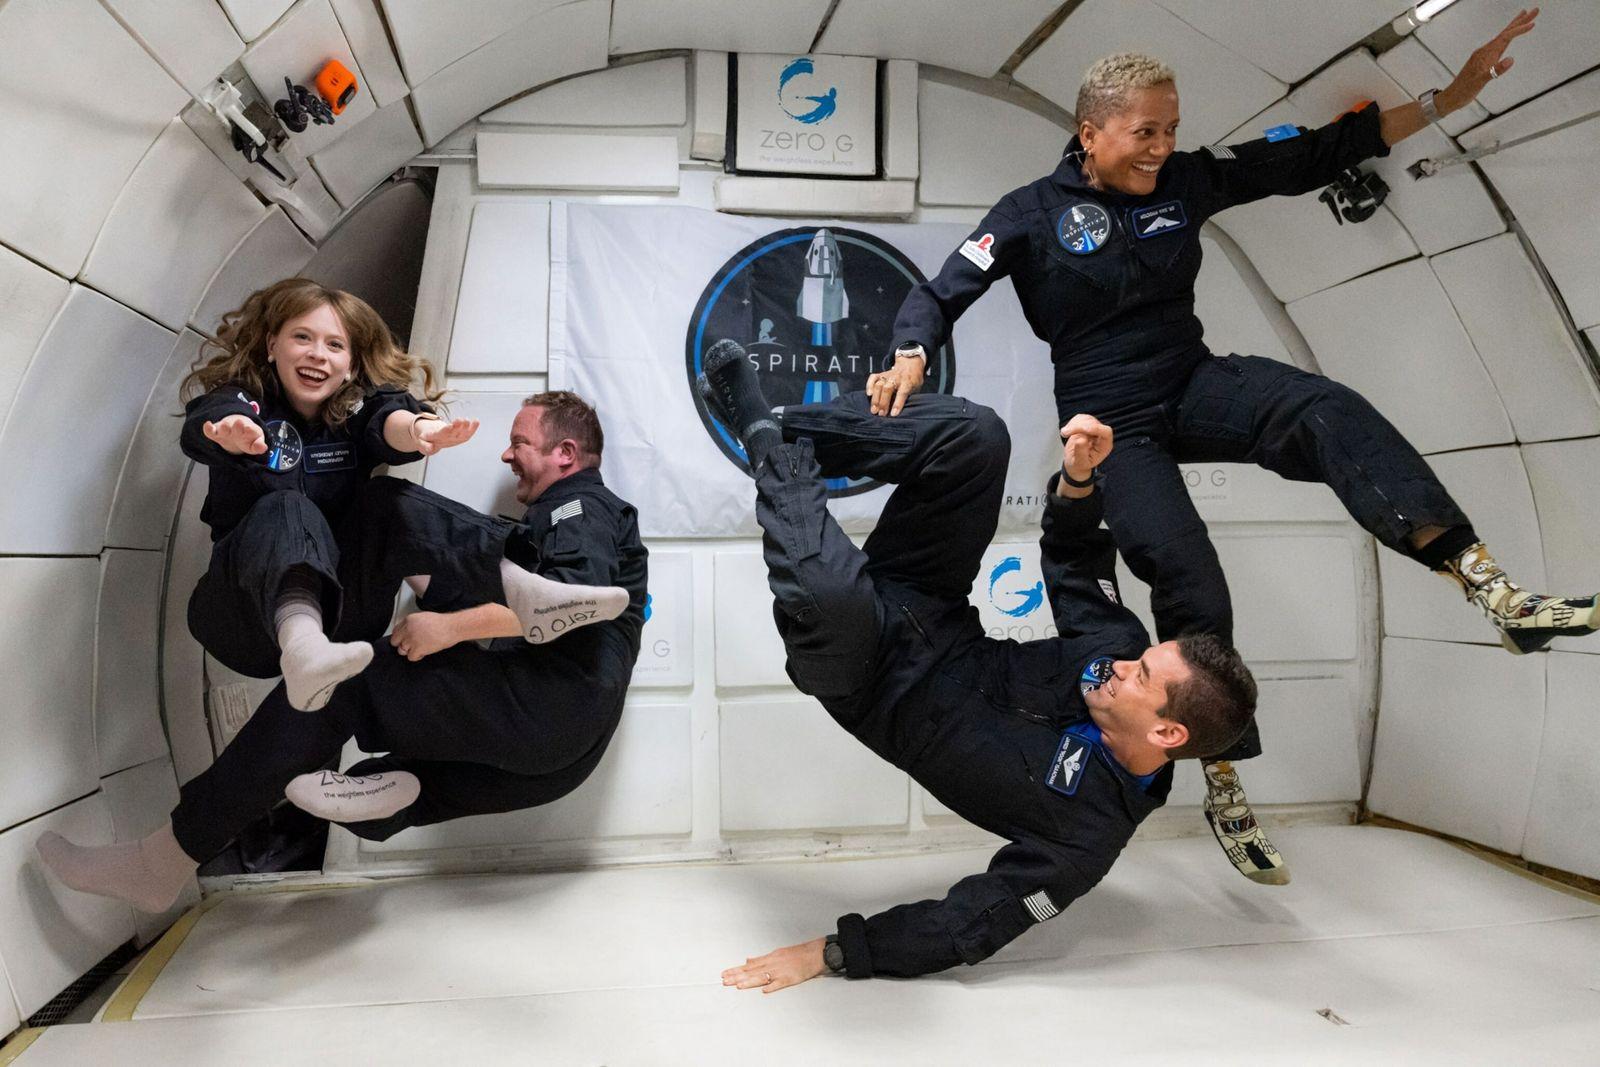 La tripulación de la misión Inspiration4